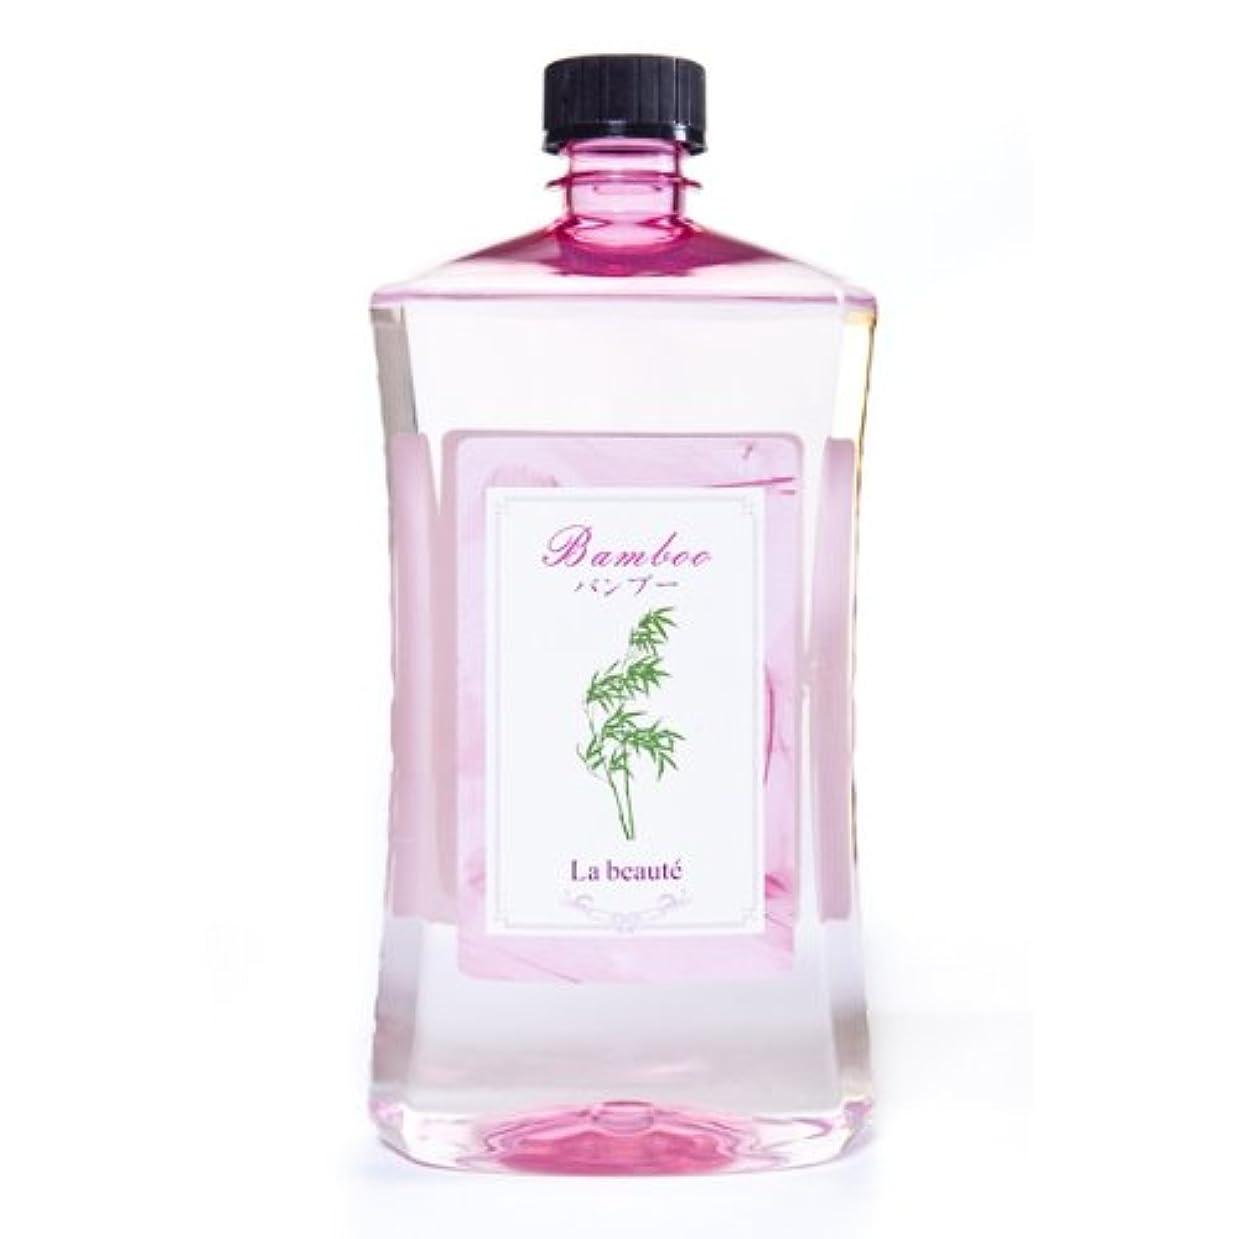 花に水をやる純度レディラ・ボーテ アロマオイル バンブー 1000ml